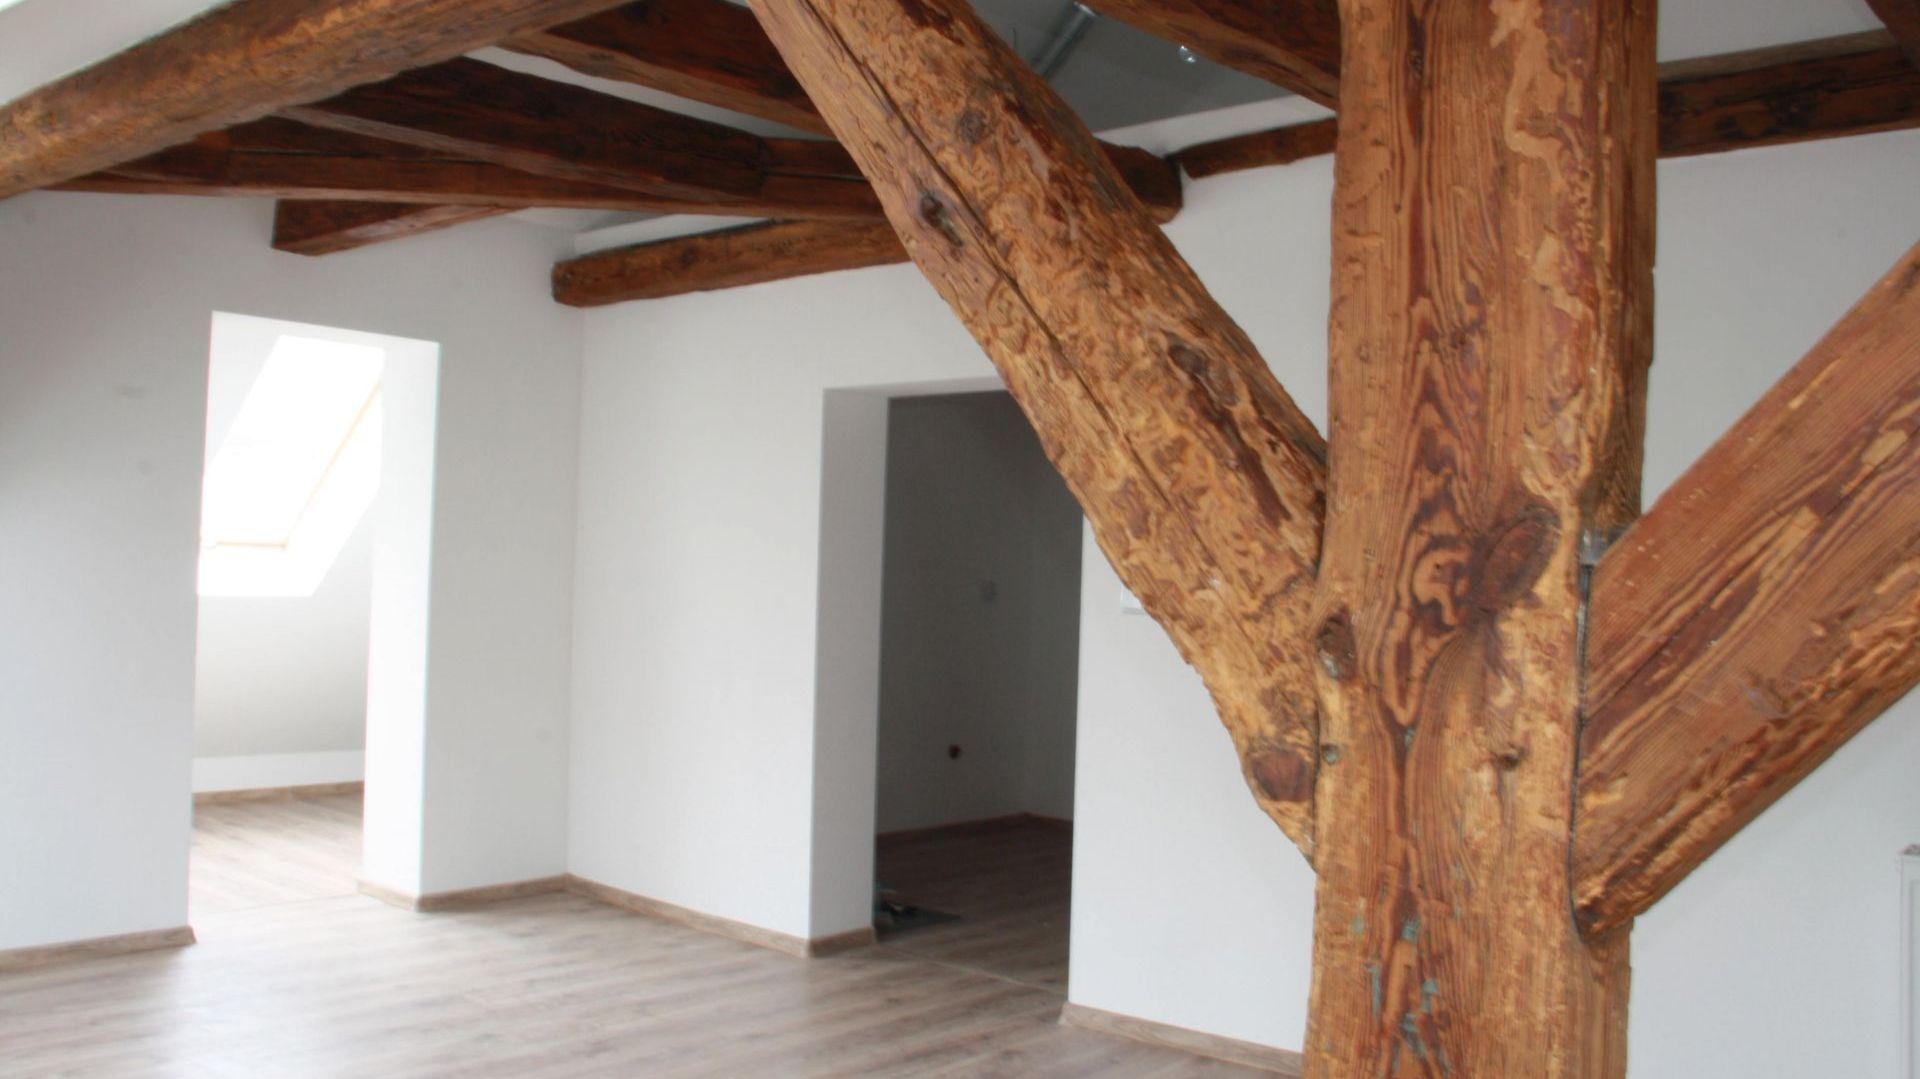 Dobry projekt deweloperski powinien mieć osobny rysunek aranżacji wnętrza oprócz rysunku budowlanego i znaczna część instalacji powinna być temu podporządkowana. Fot. Studio BB Architekci